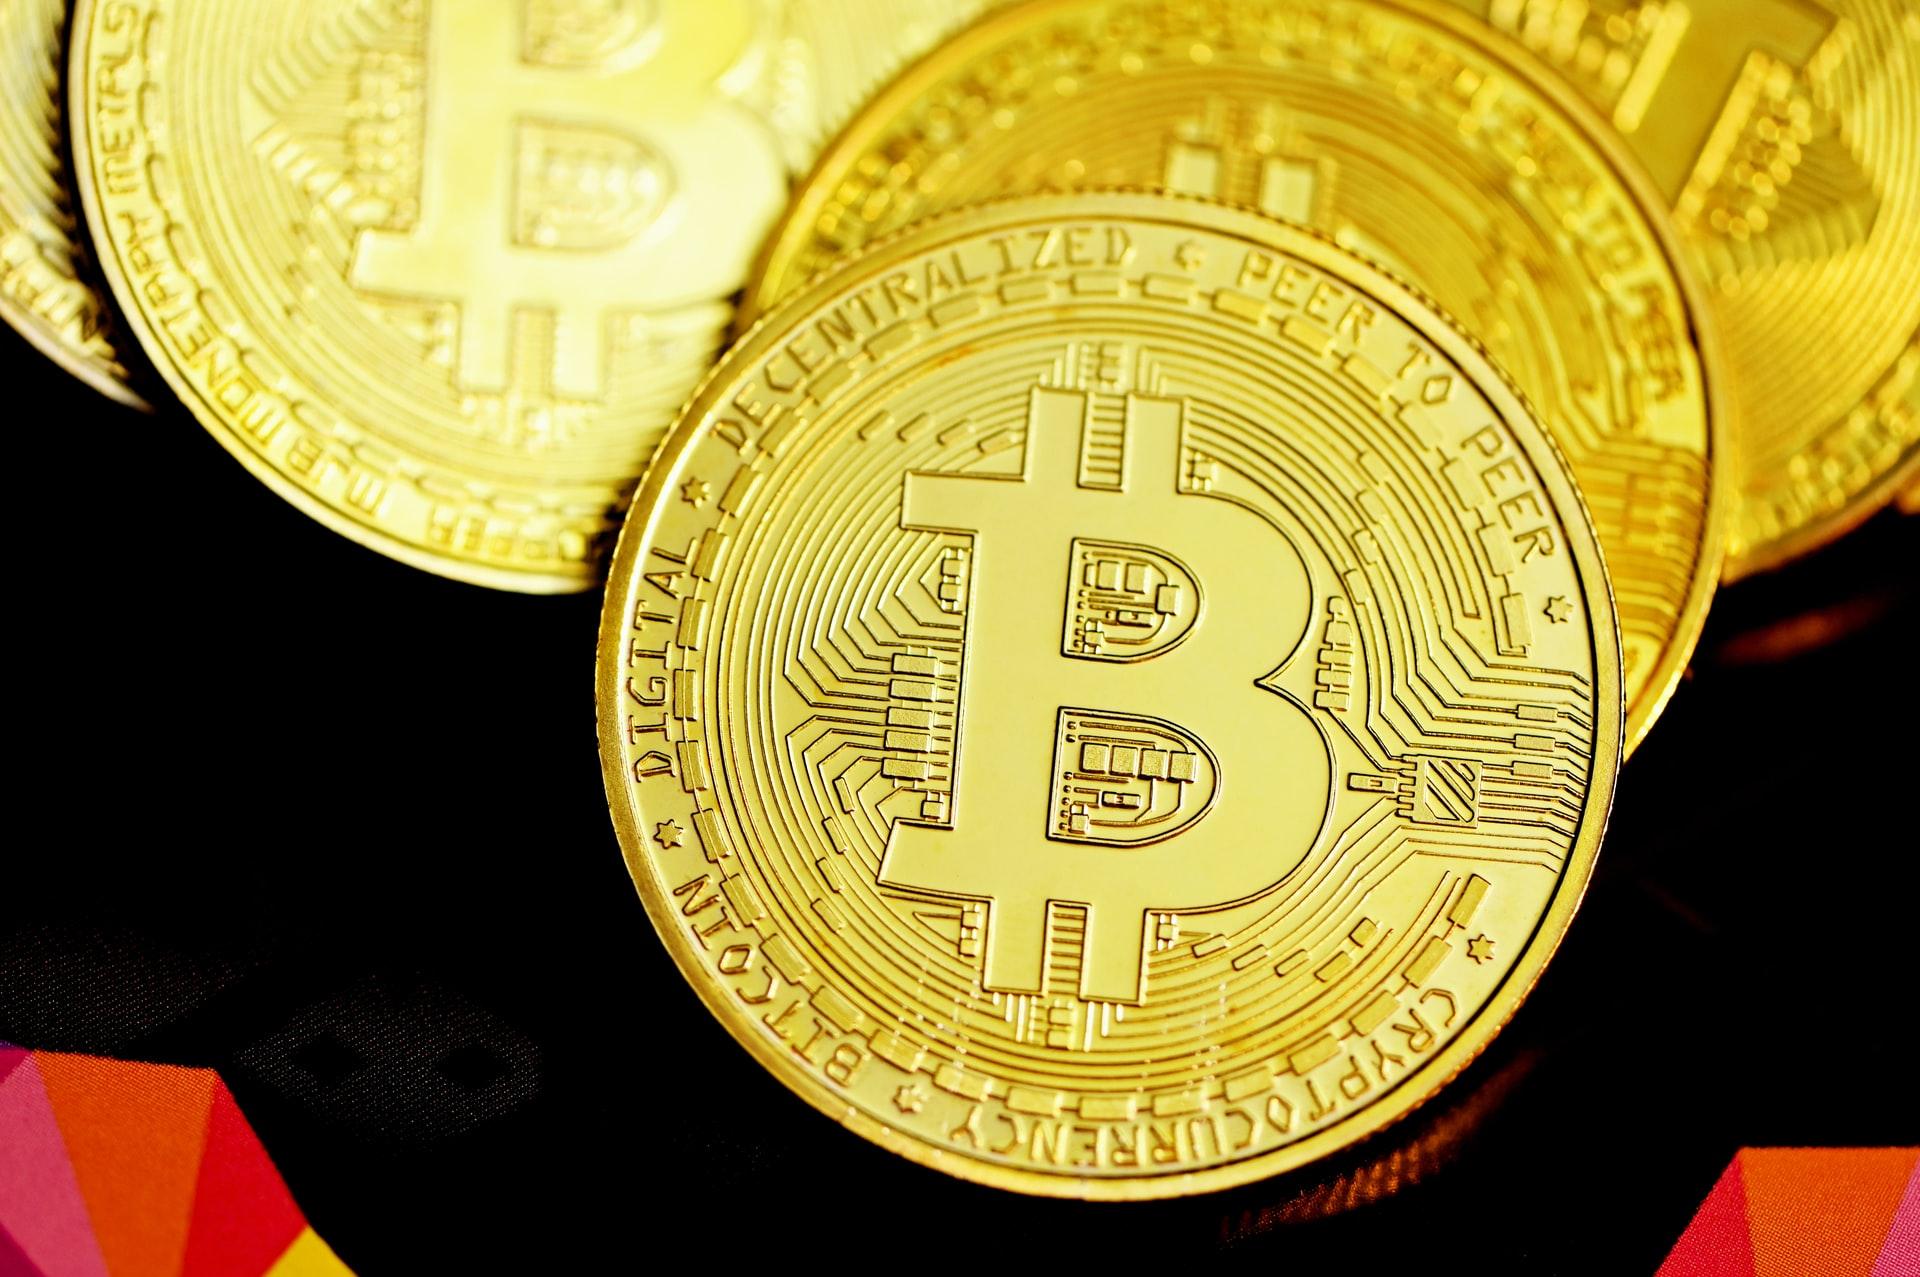 Gobierno de El Salvador presenta su billetera digital para el uso de Bitcoin en el país y obsequiará 30 dólares en la criptomoneda a los ciudadanos como incentivo